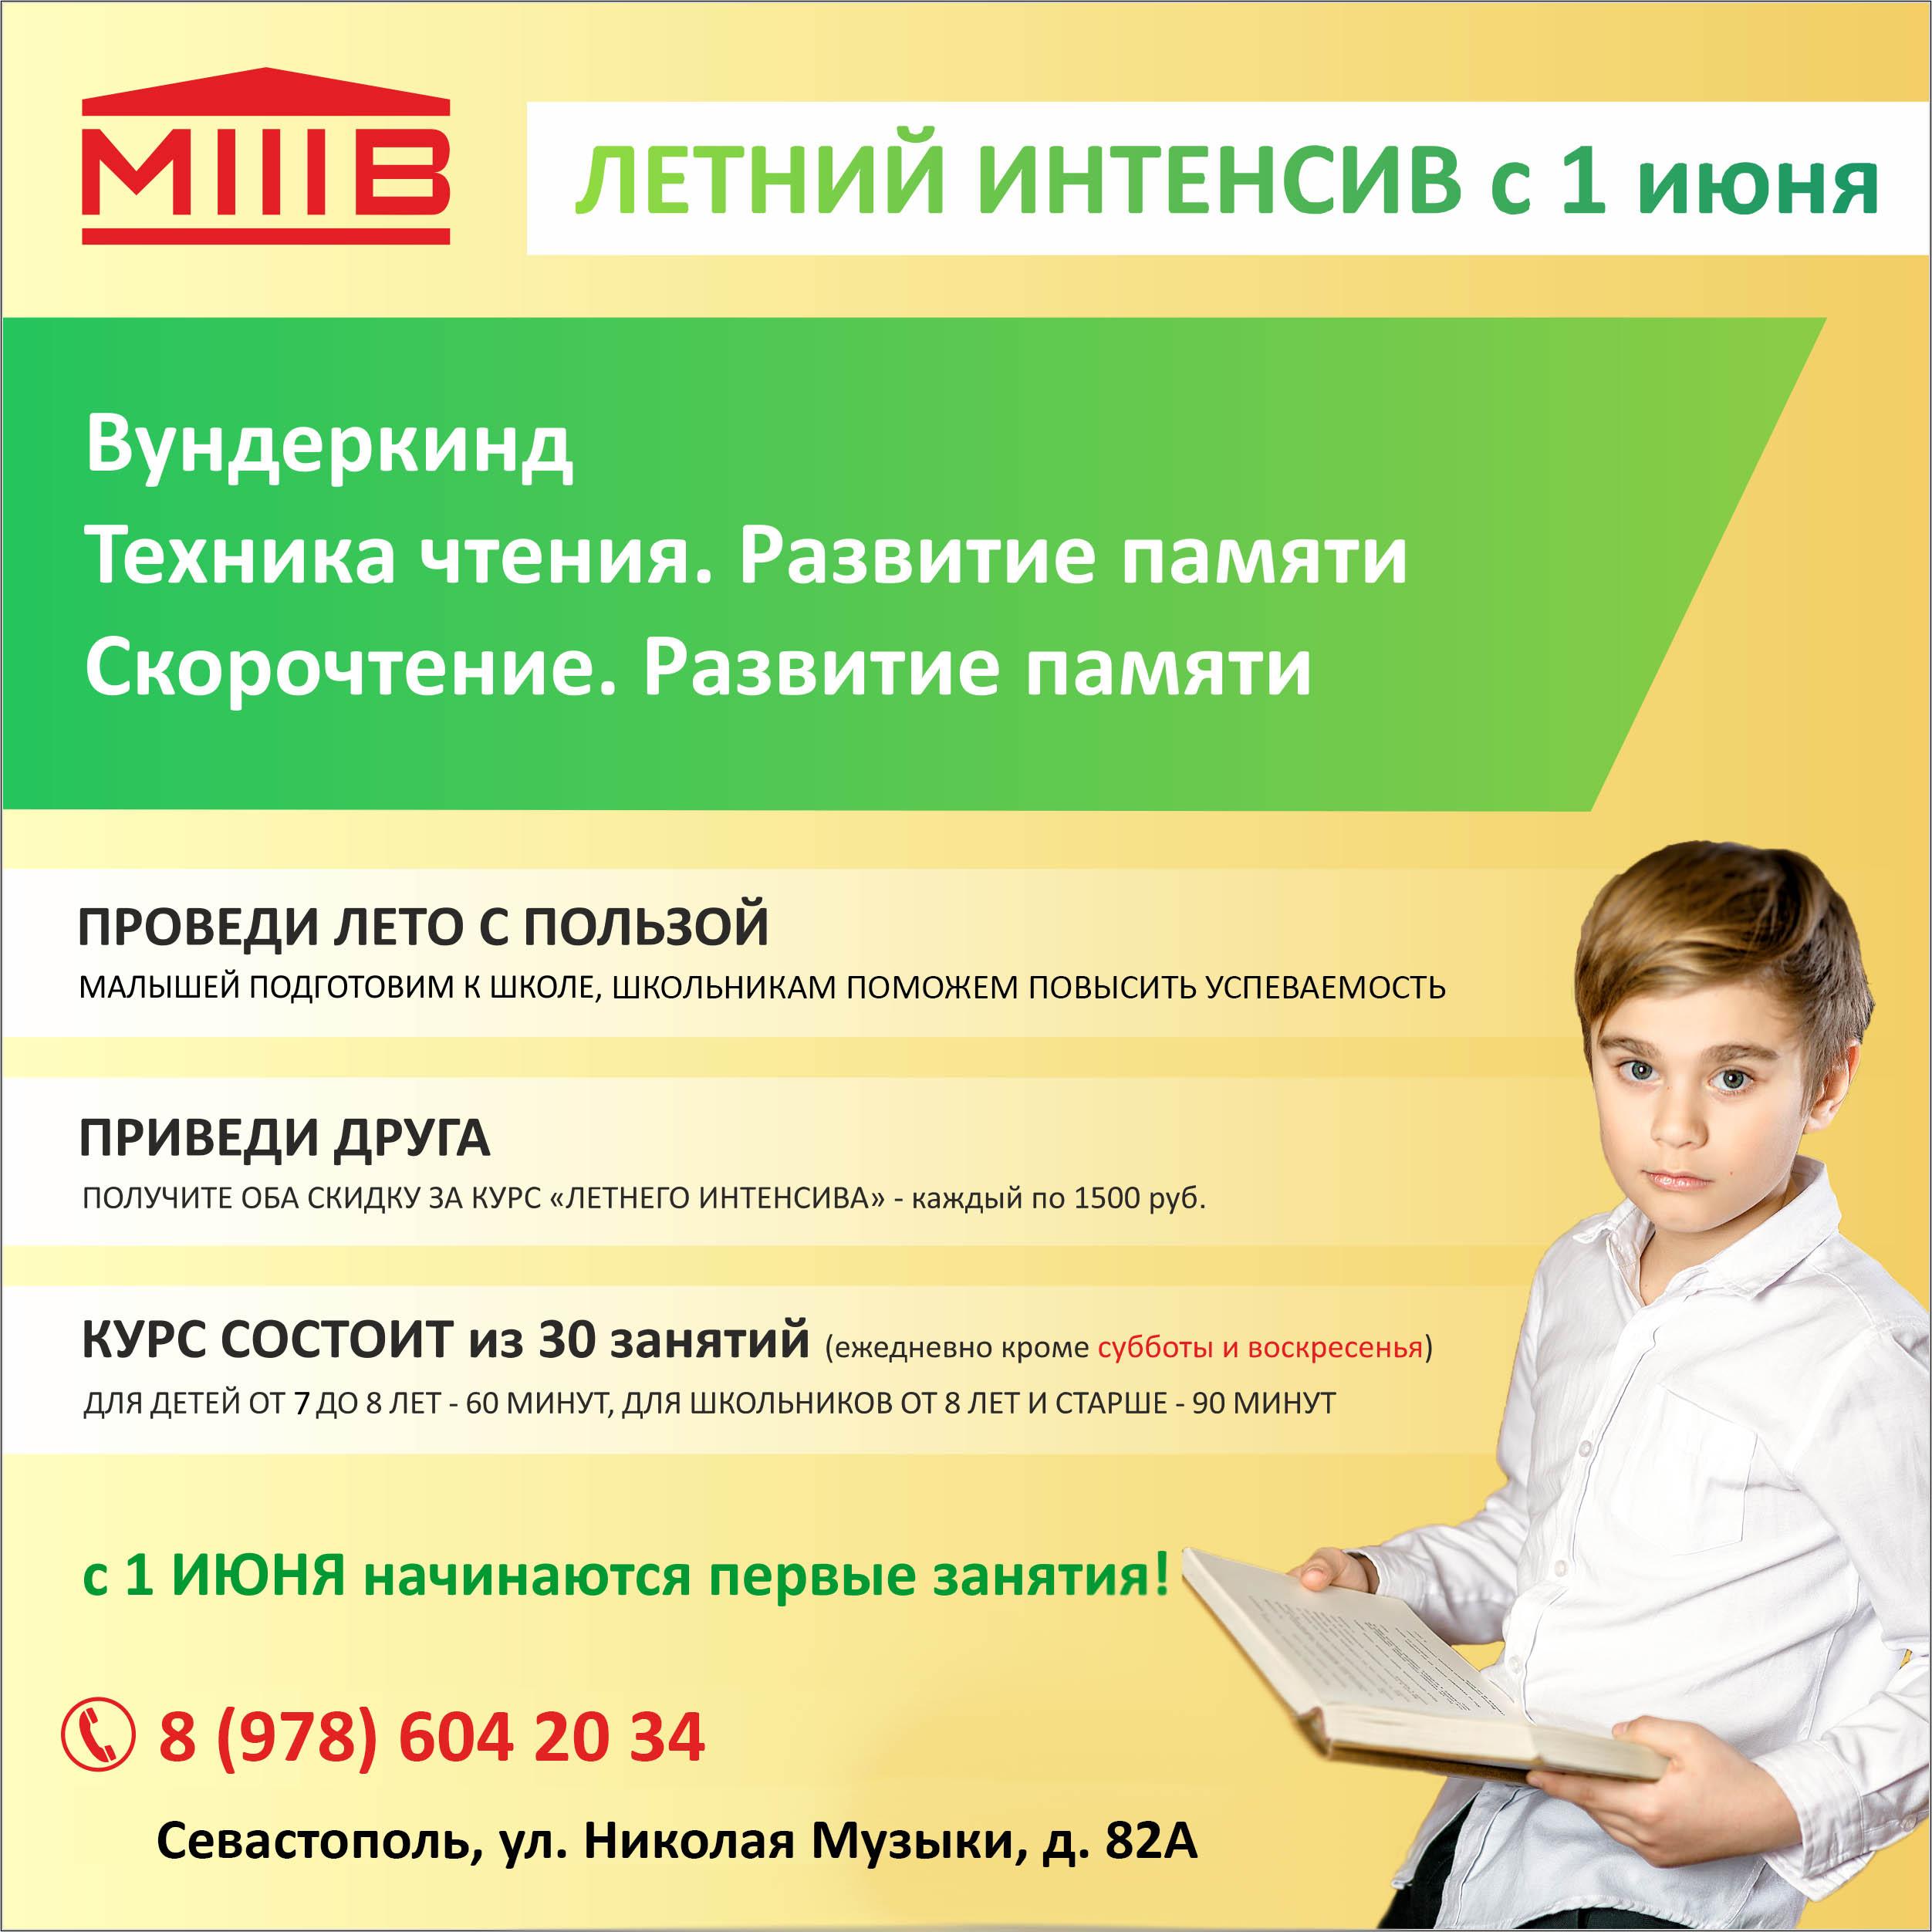 Летние занятия для детей в севастополе